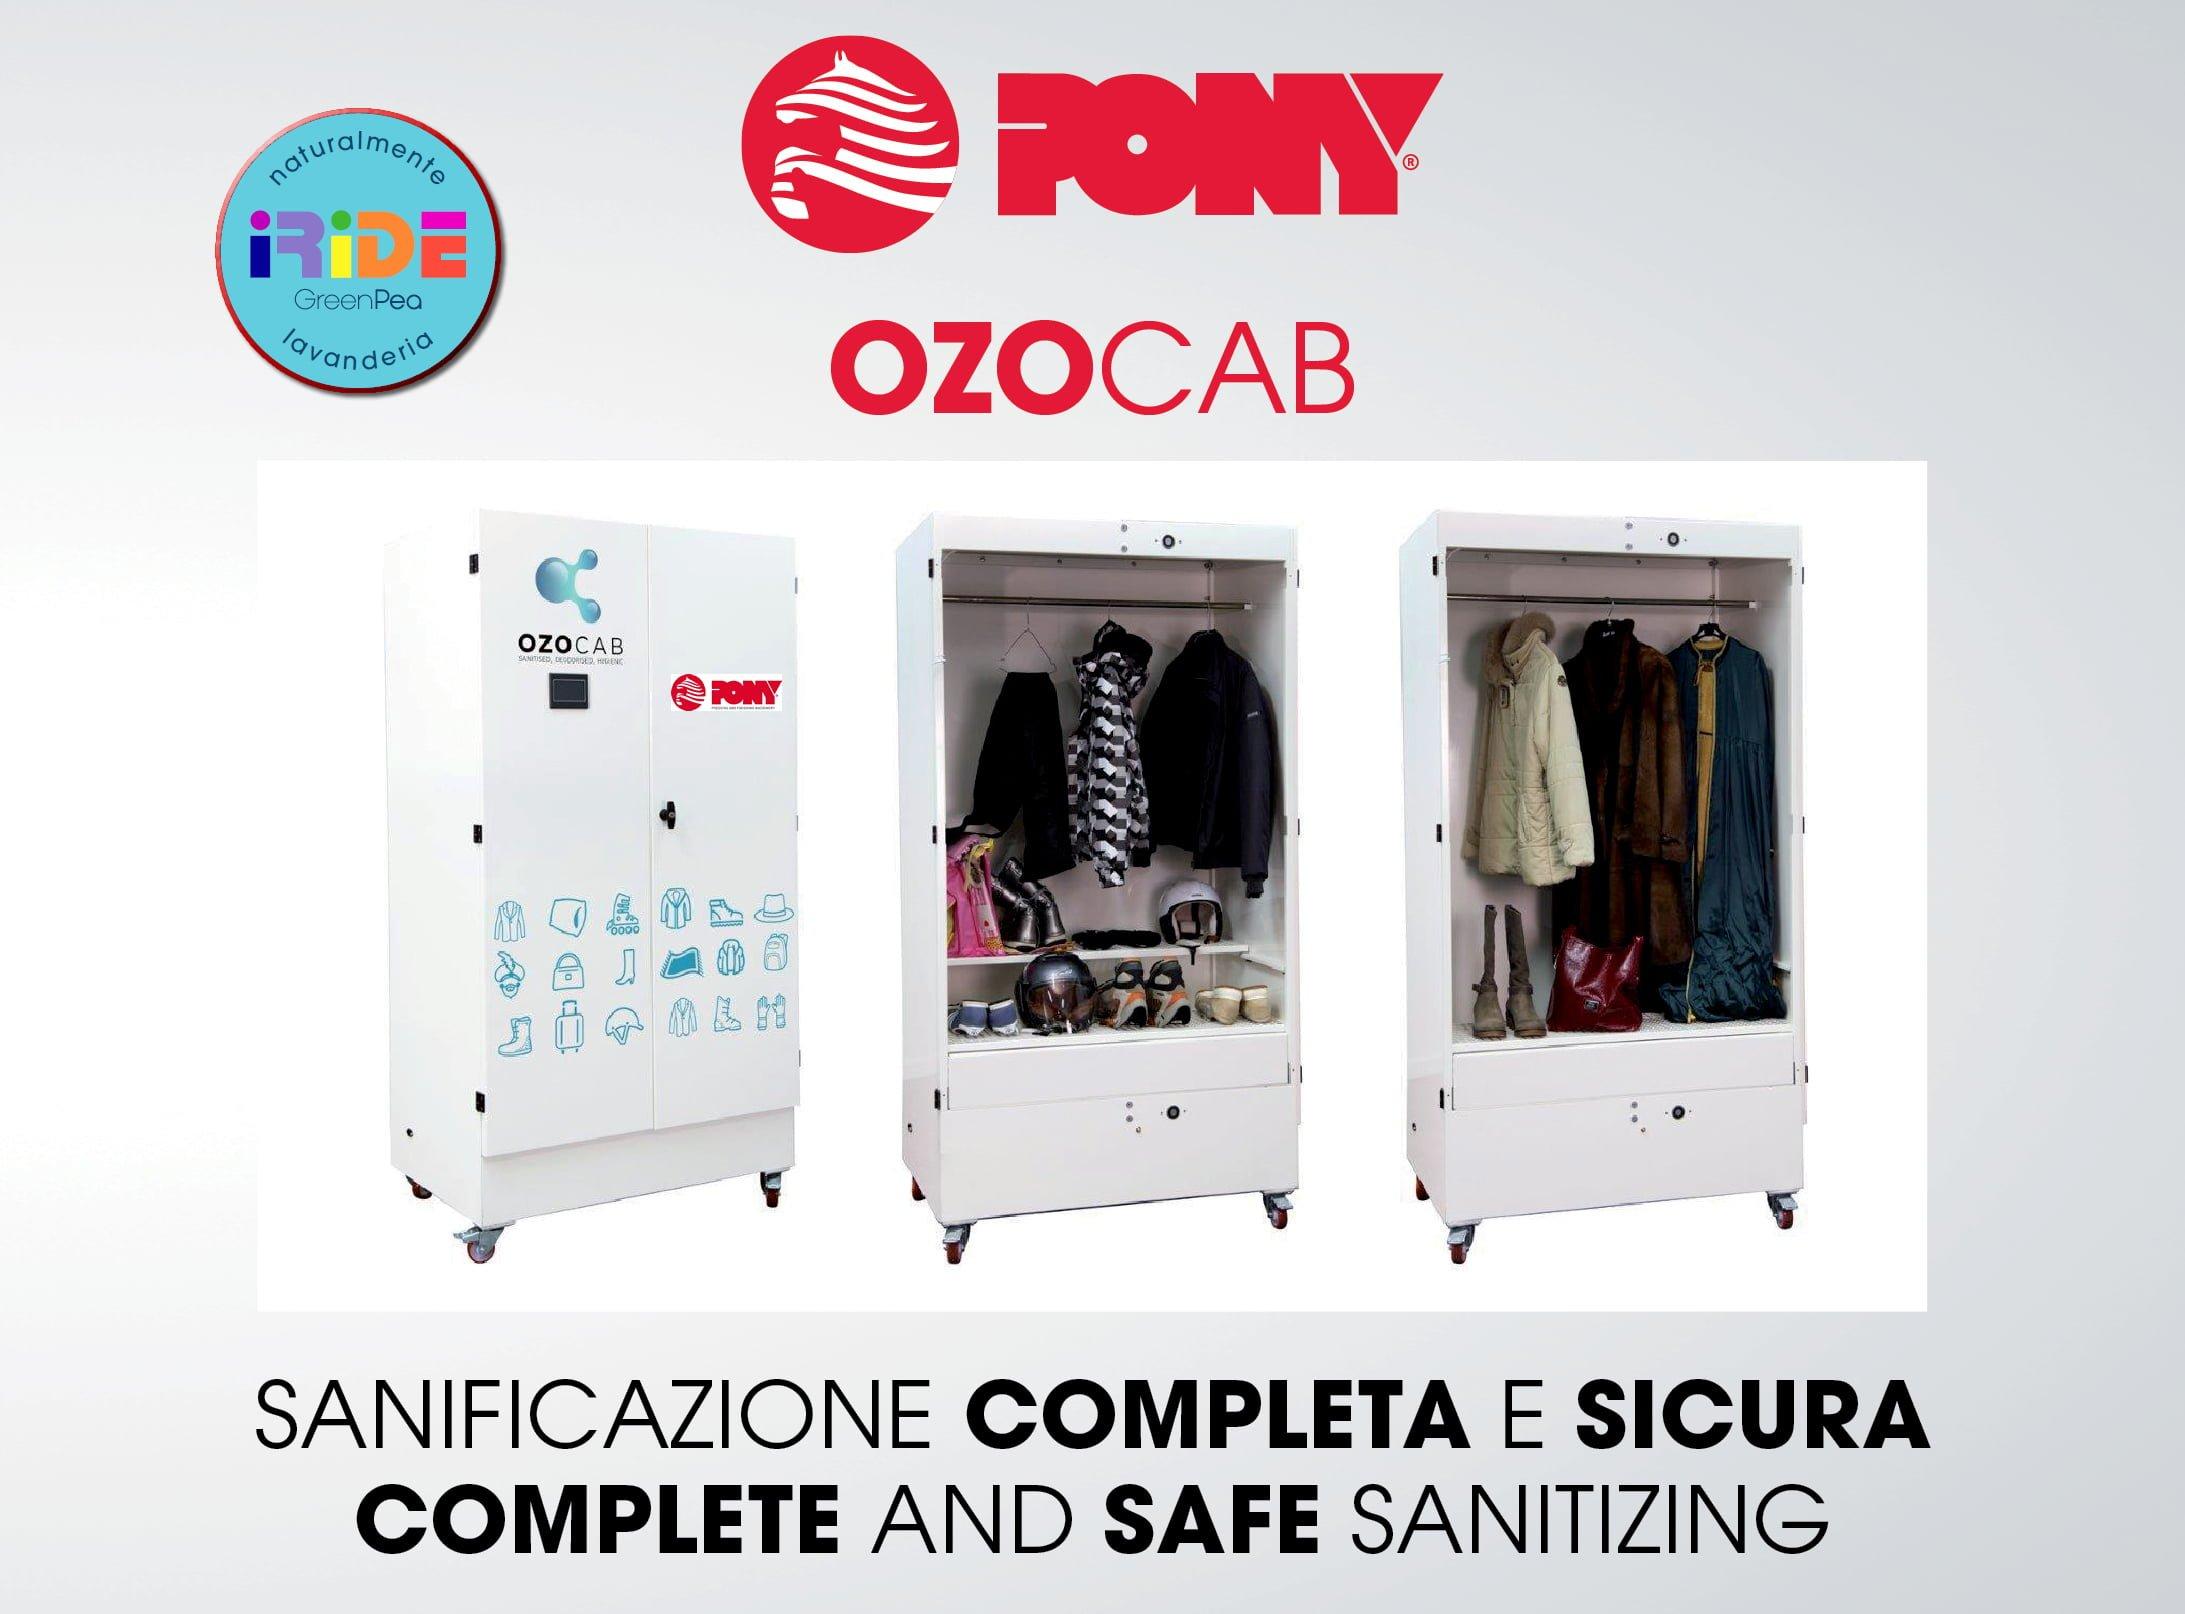 Cabina di Ozono